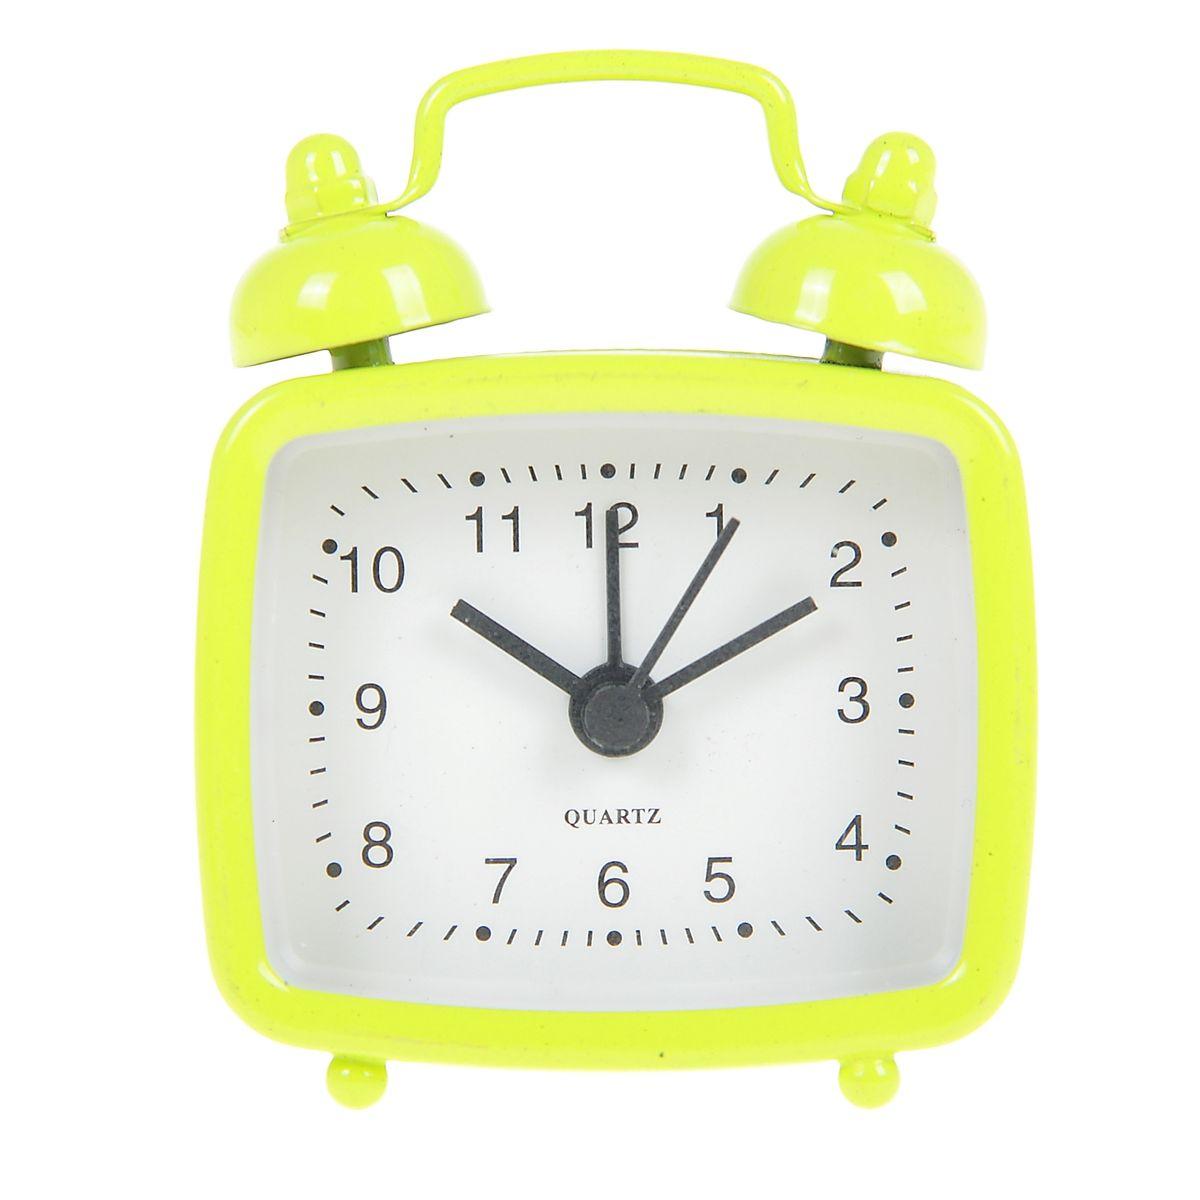 Часы-будильник Sima-land, цвет: желтый. 840945840945Как же сложно иногда вставать вовремя! Всегда так хочется поспать еще хотя бы 5 минут и бывает, что мы просыпаем. Теперь этого не случится! Яркий, оригинальный будильник Sima-land поможет вам всегда вставать в нужное время и успевать везде и всюду. Будильник украсит вашу комнату и приведет в восхищение друзей. Эта уменьшенная версия привычного будильника умещается на ладони и работает так же громко, как и привычные аналоги. Время показывает точно и будит в установленный час. На задней панели будильника расположены переключатель включения/выключения механизма, а также два колесика для настройки текущего времени и времени звонка будильника. Будильник работает от 1 батарейки типа LR44 (входит в комплект).